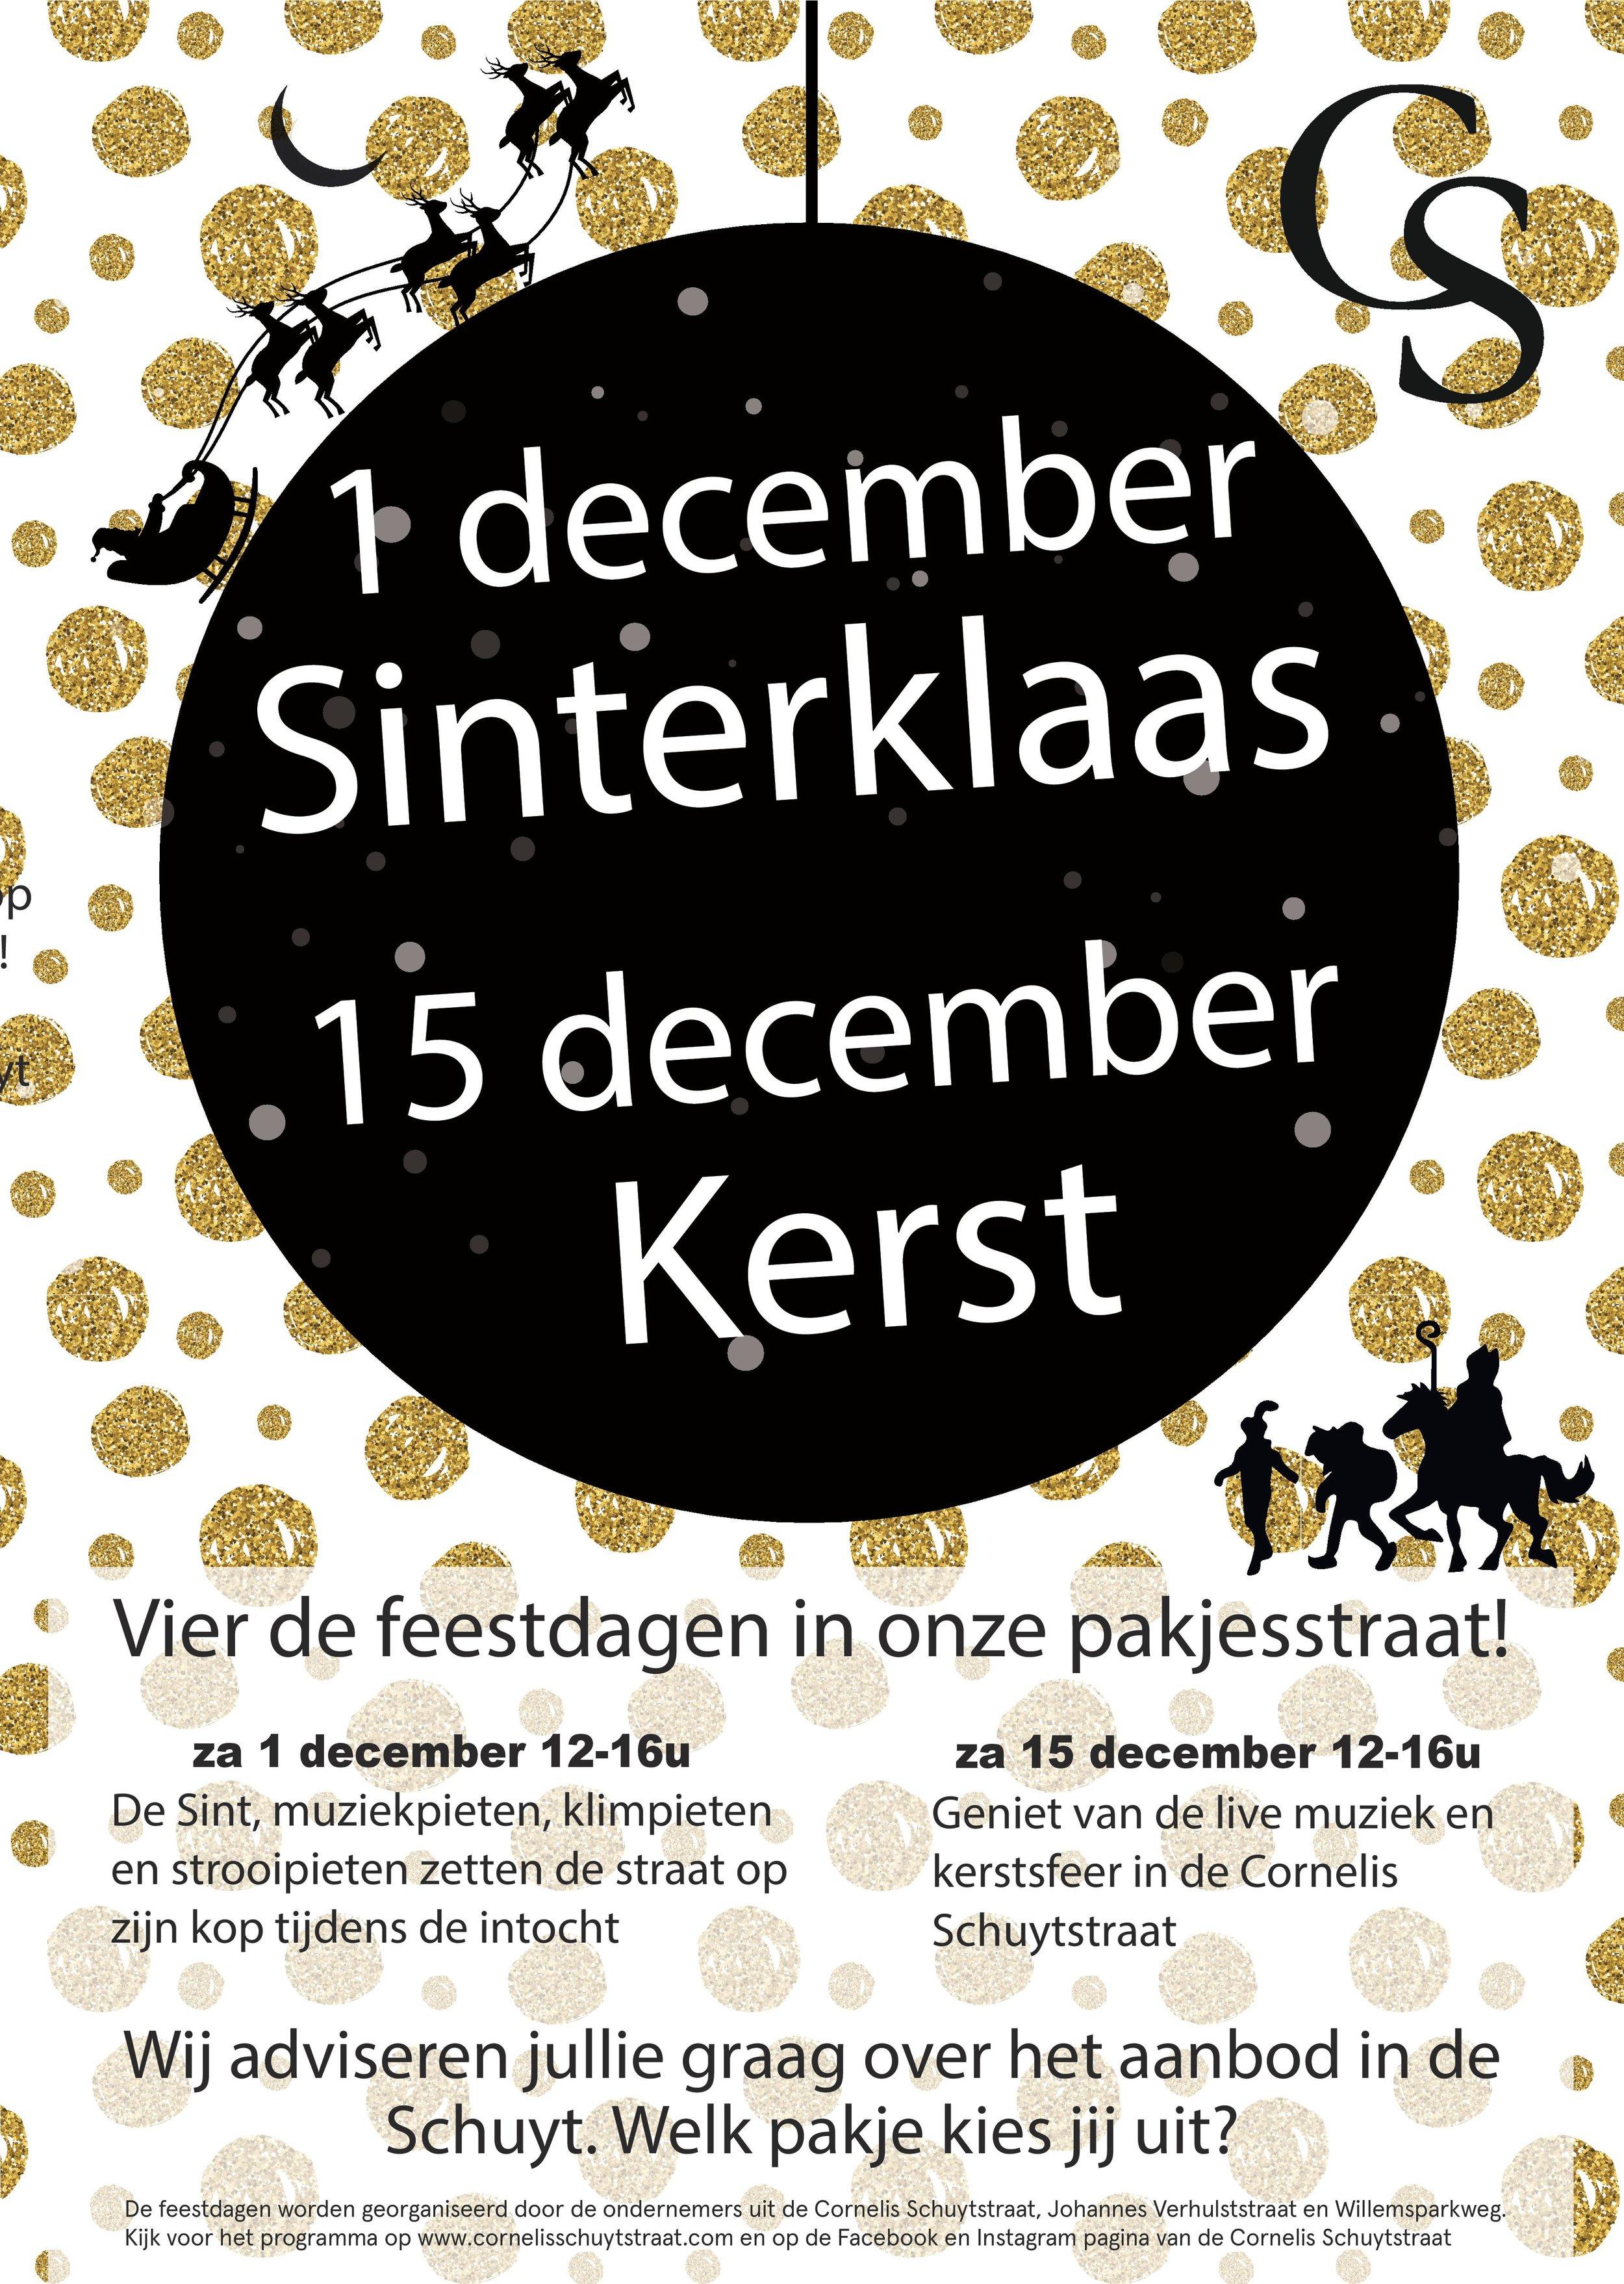 Sinterklaas2018.jpg